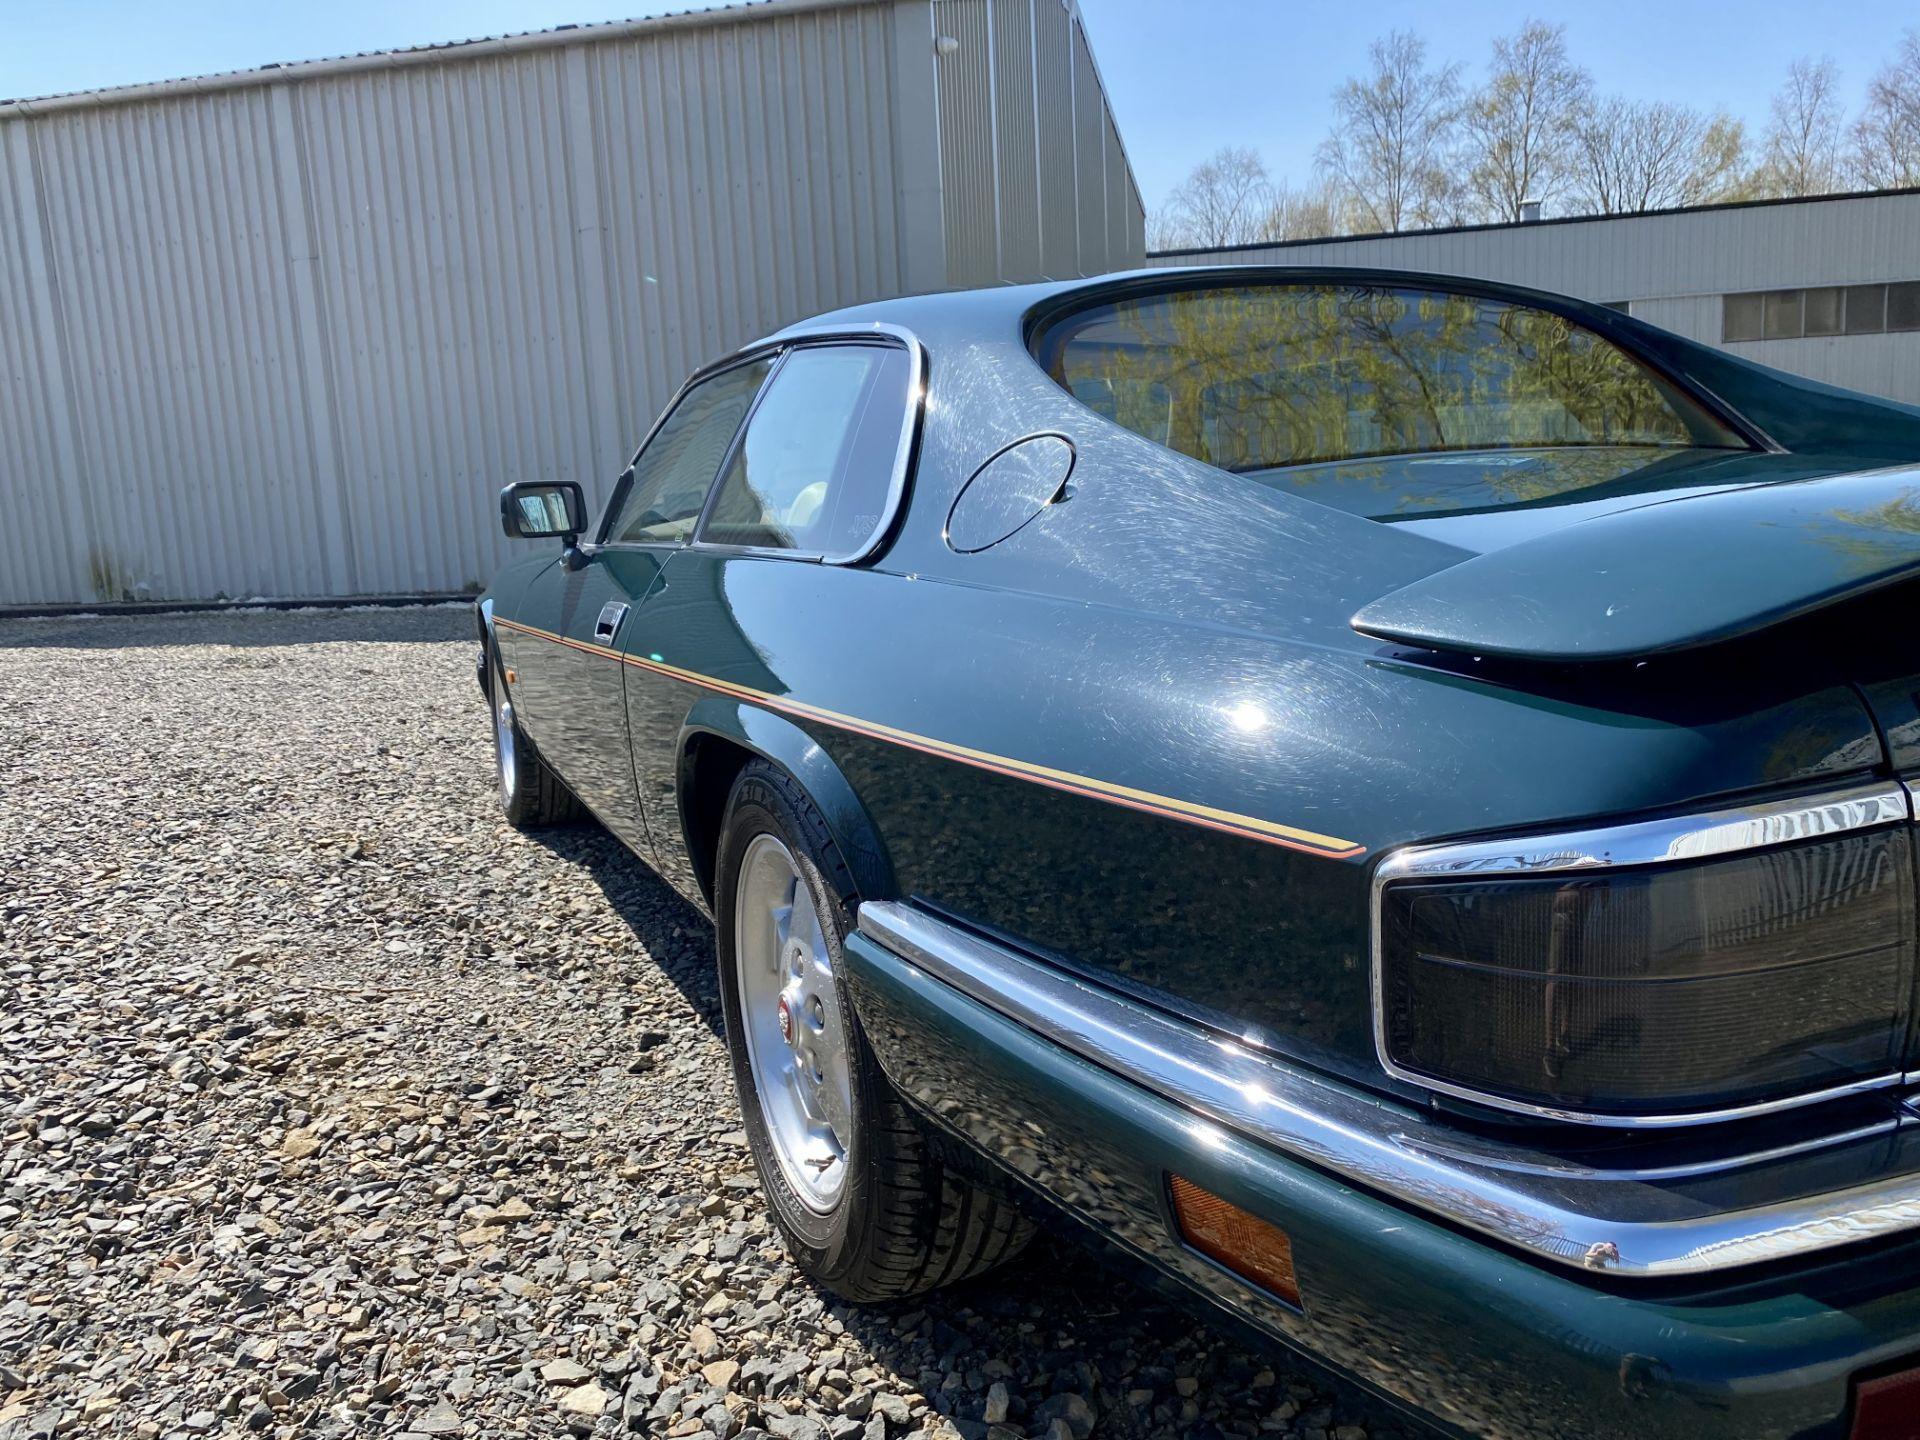 Jaguar XJS coupe - Image 41 of 64